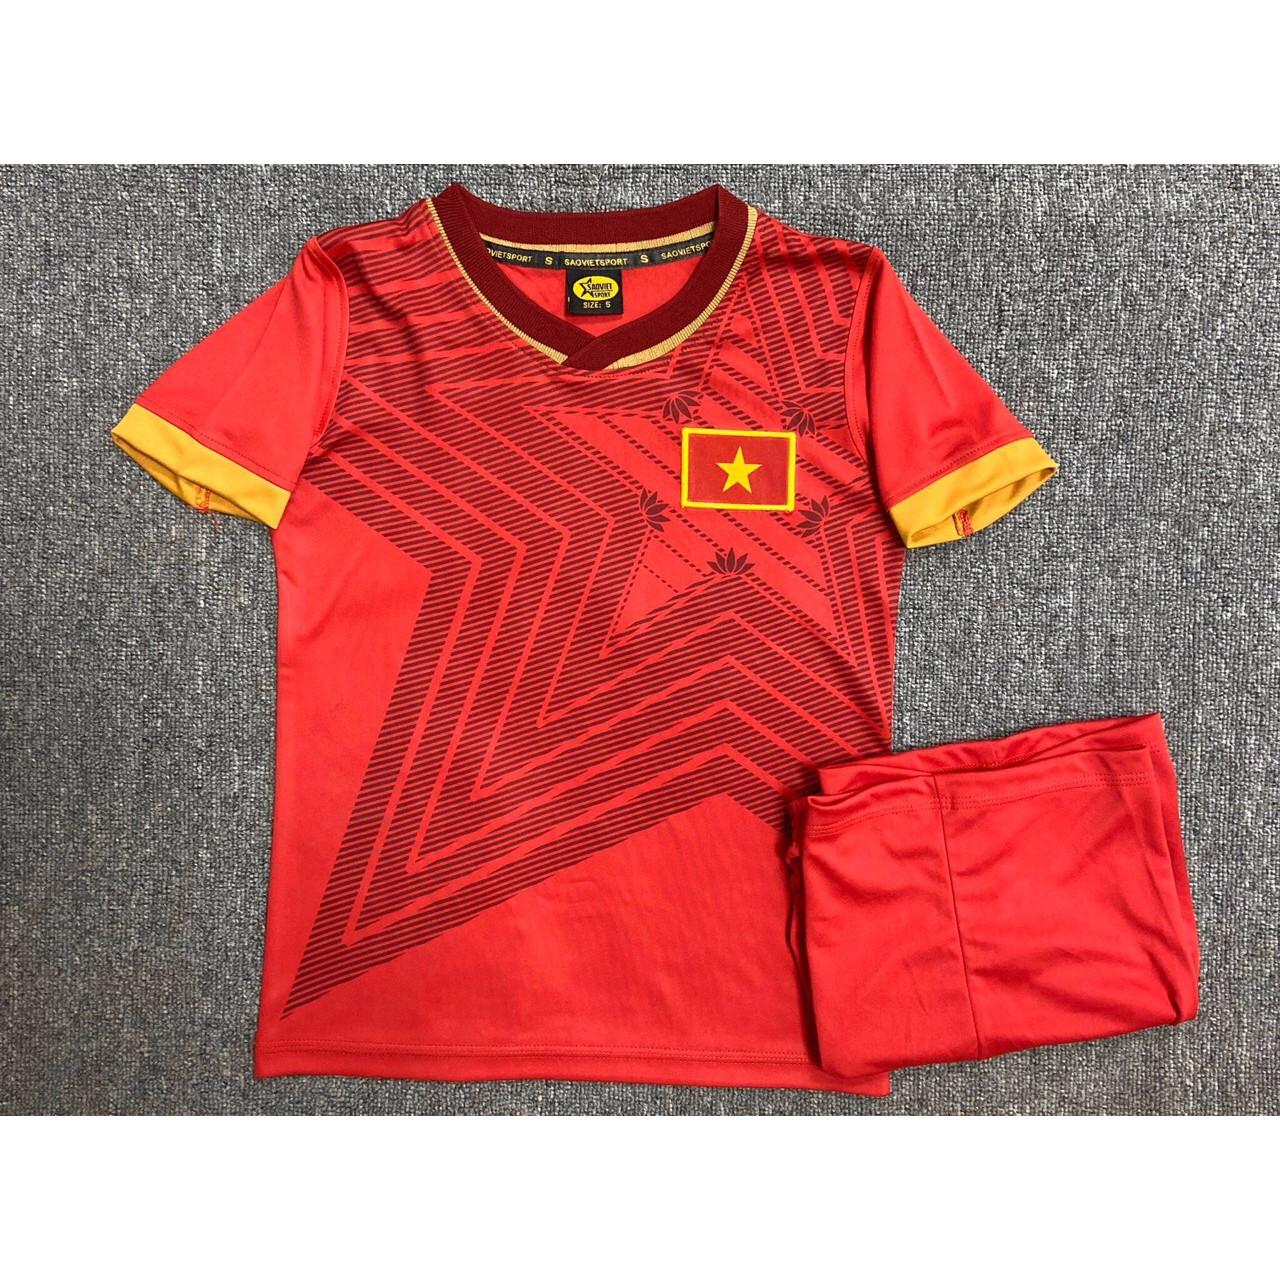 Bộ quần áo đá bóng trẻ em tuyển Việt Nam năm 2020